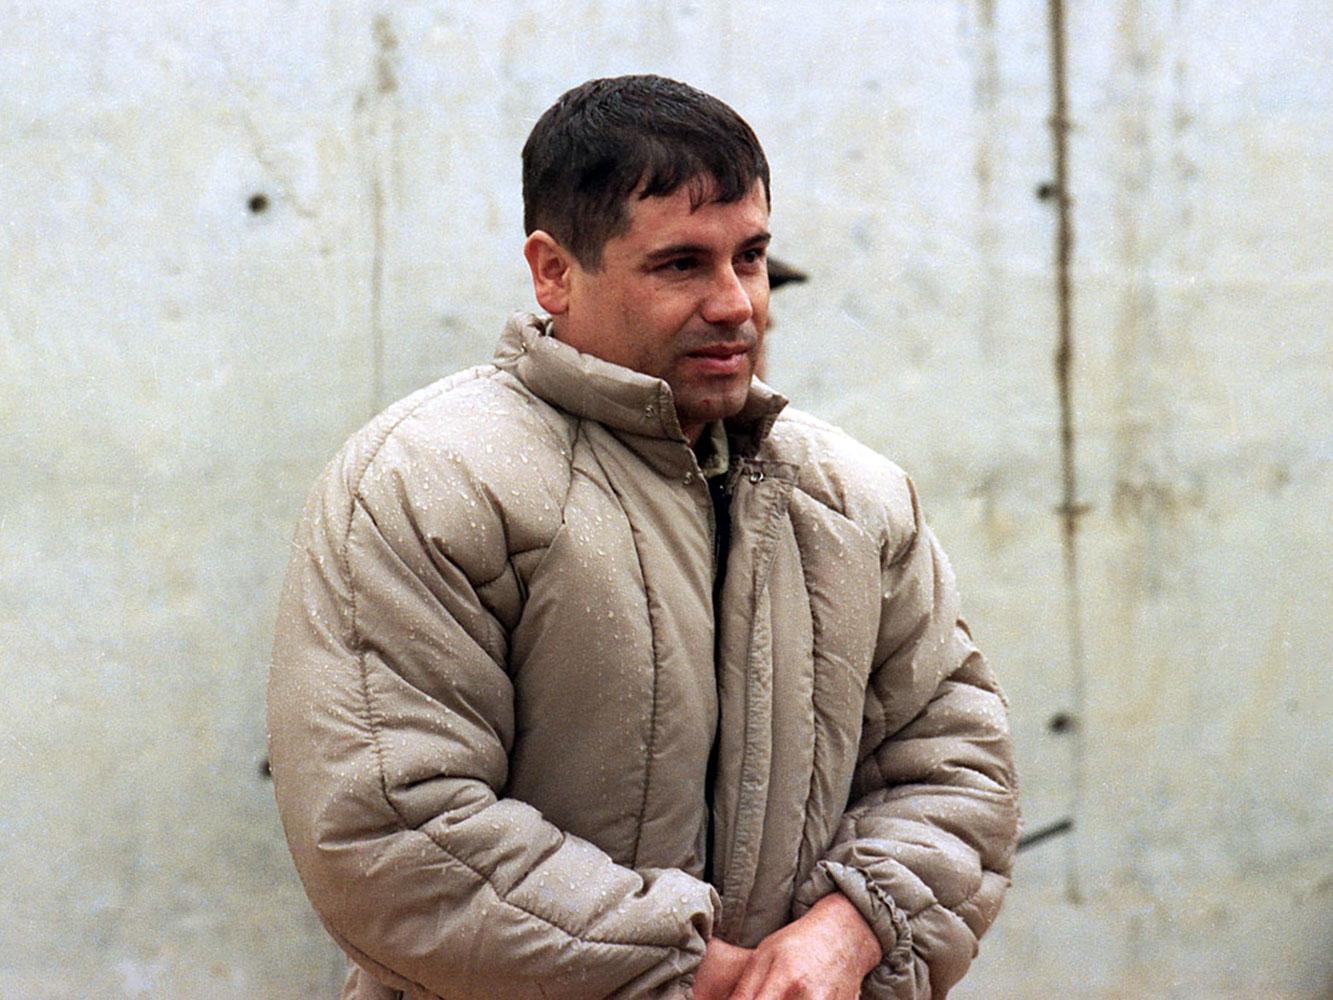 El Chapo guzman escape 1